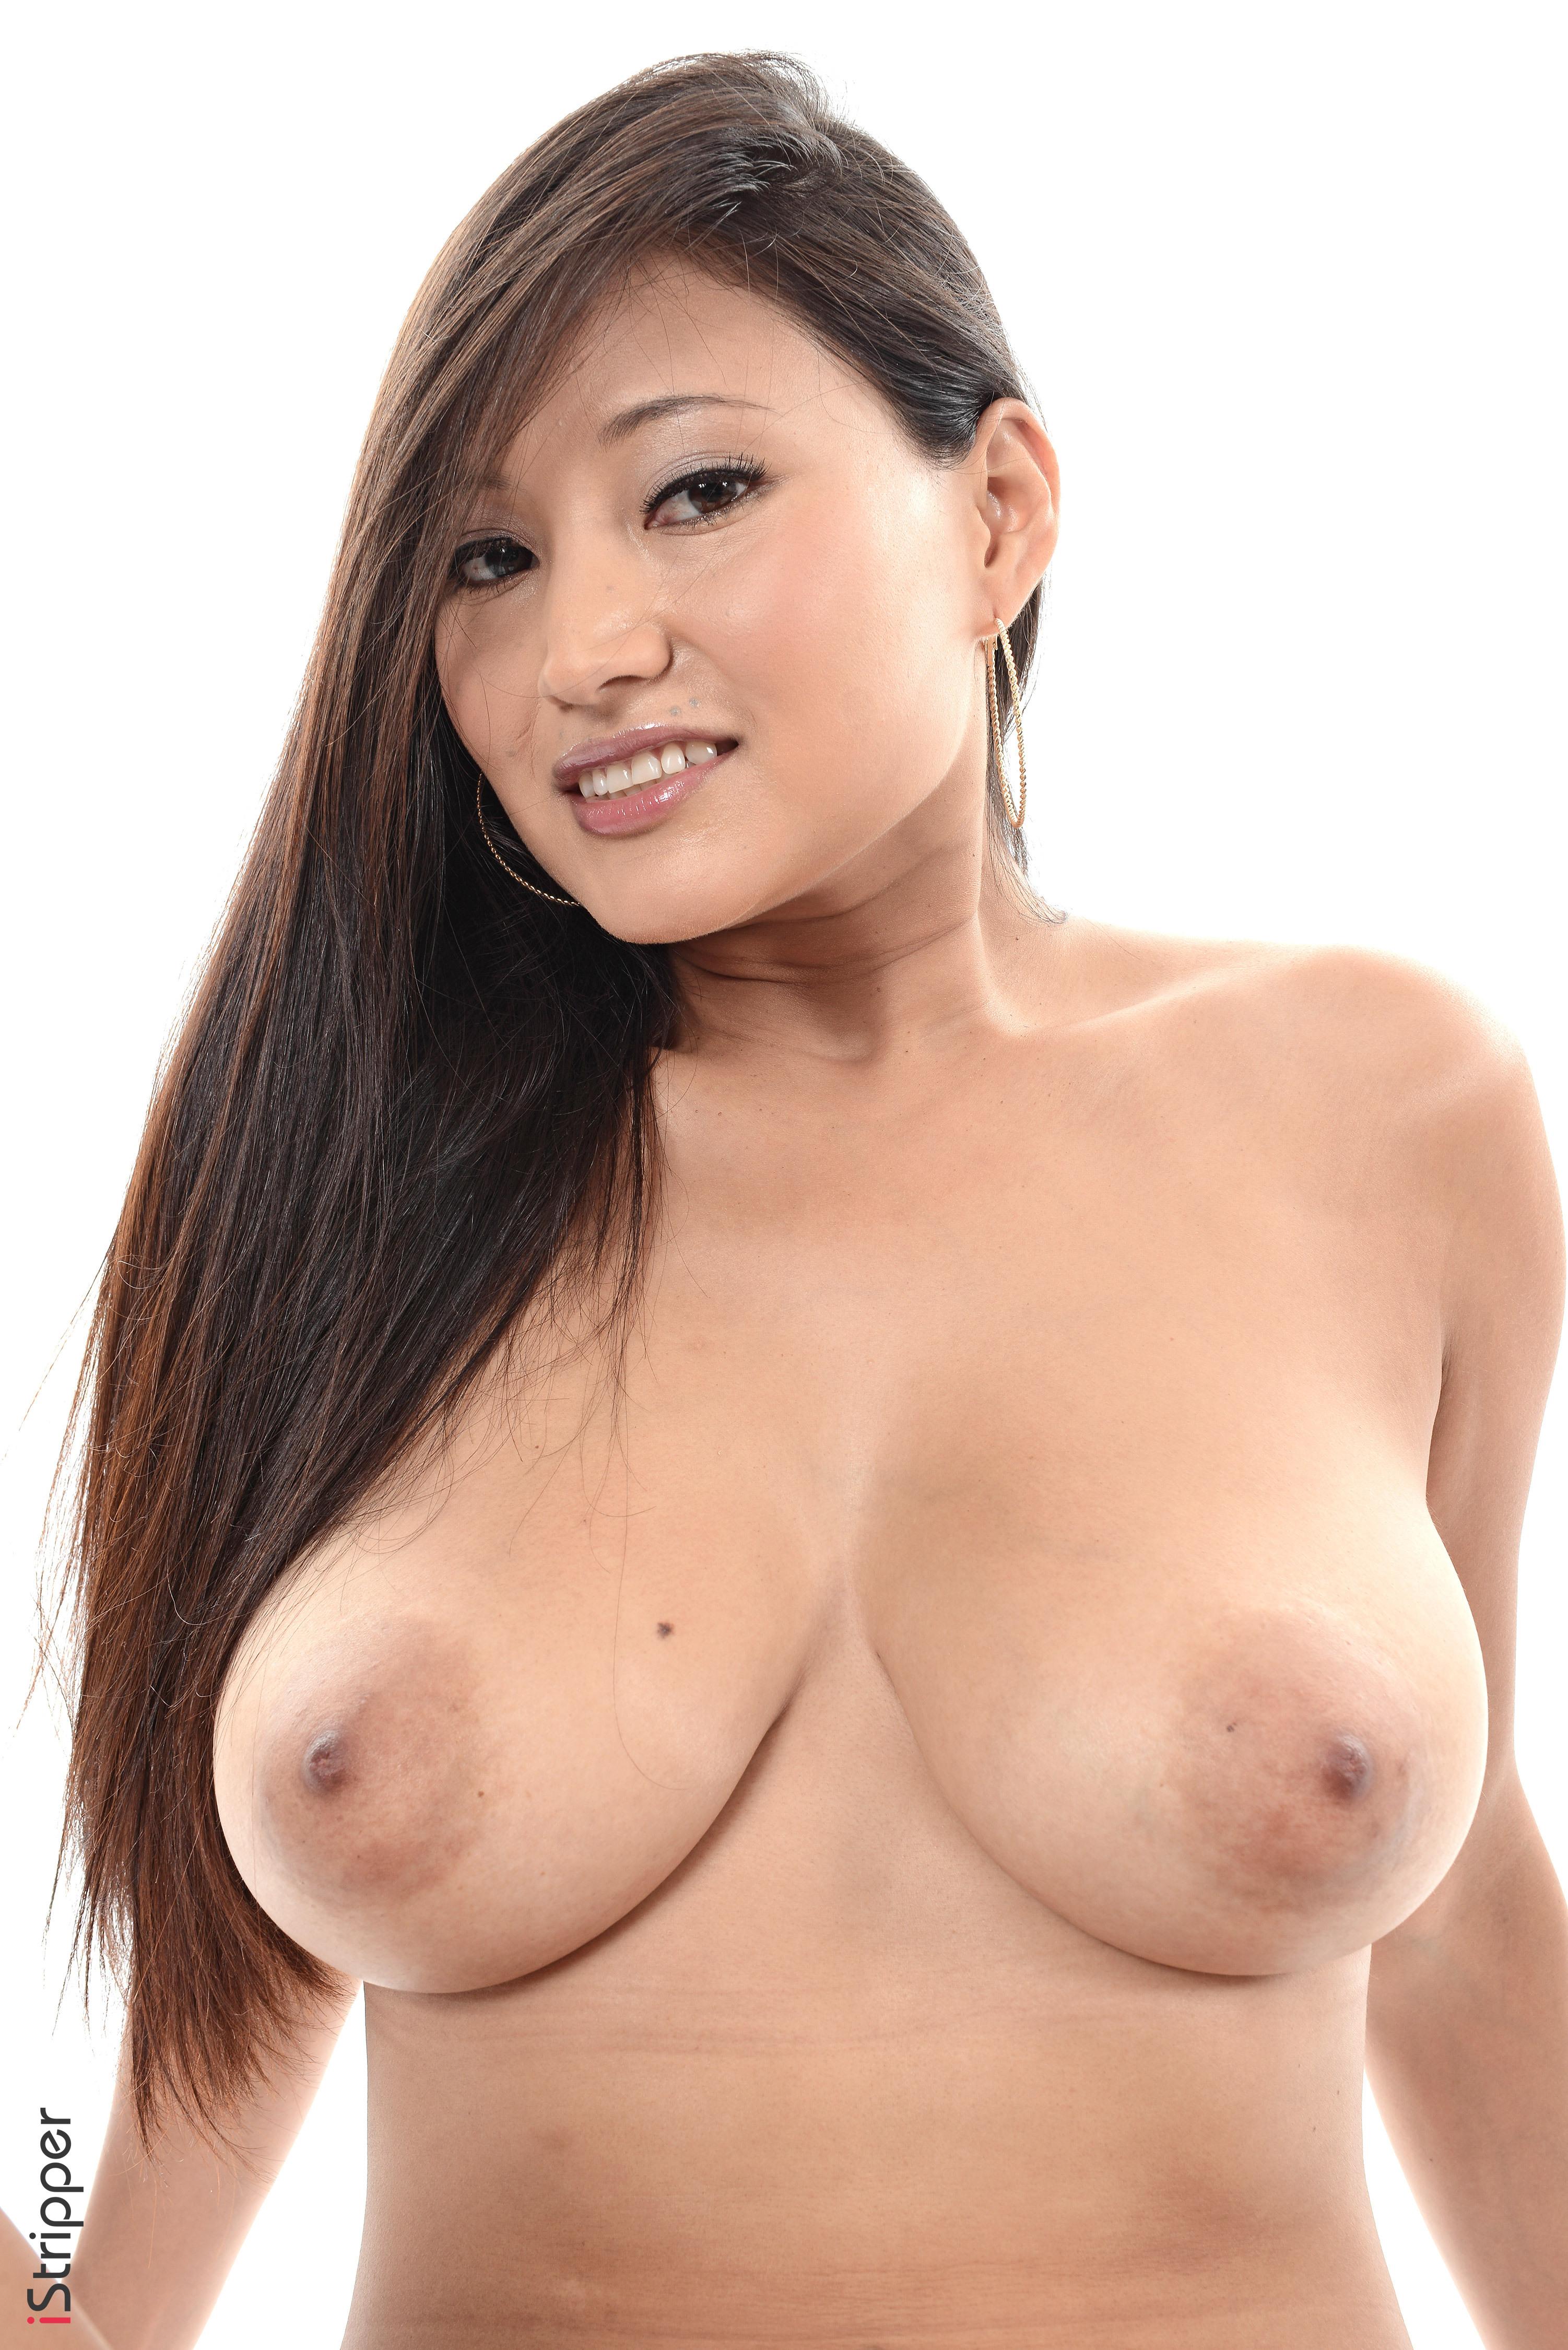 hd wallpaper nude